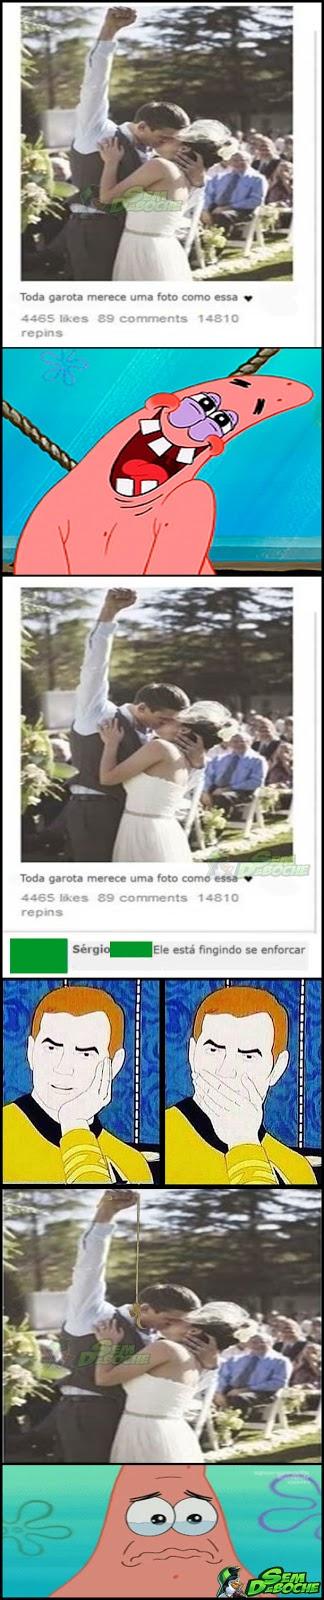 TODA GAROTA MERECE UMA FOTO DESSA